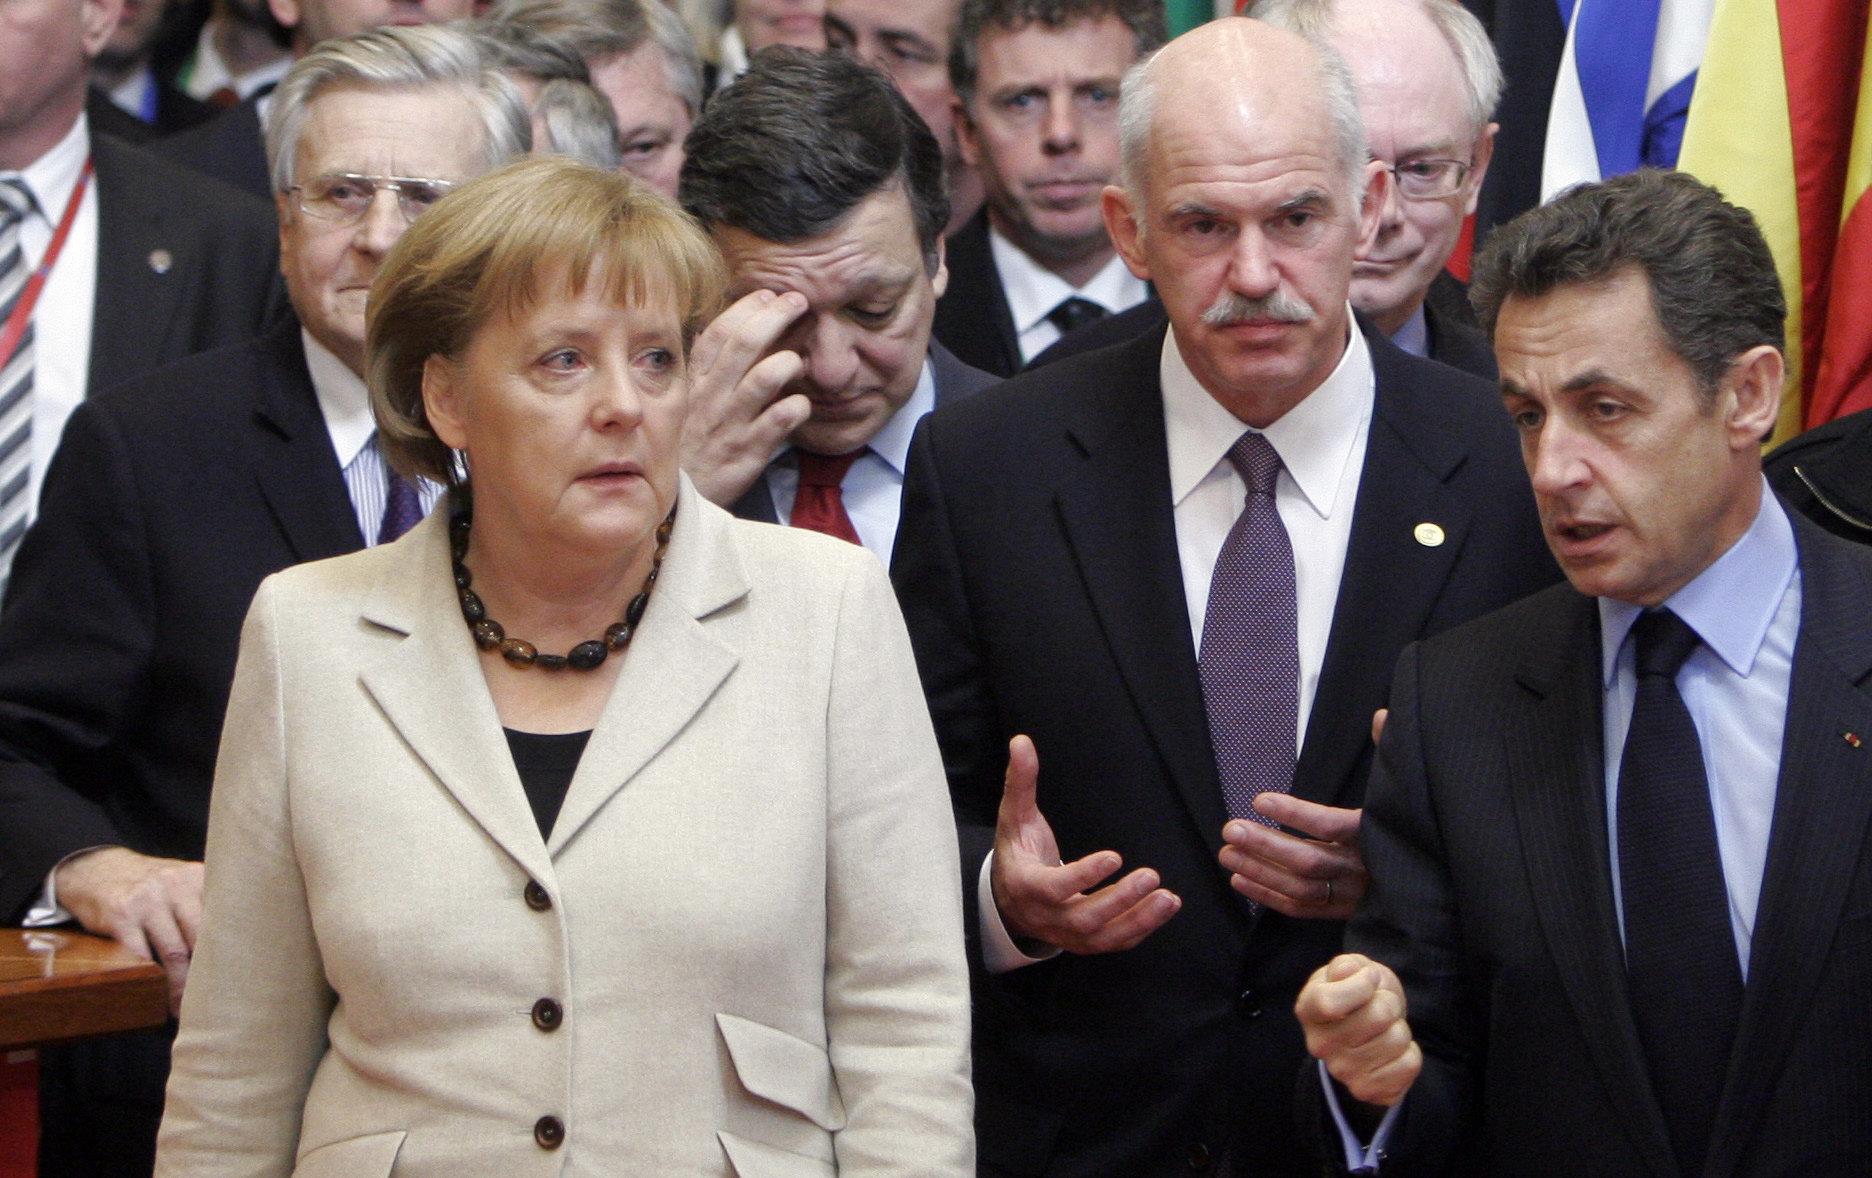 Ο Γιώργος Παπανδρέου μετανιώνει για το δημοψήφισμα που δεν έκανε: «Δεν κρινόταν η παραμονή στο ευρώ»